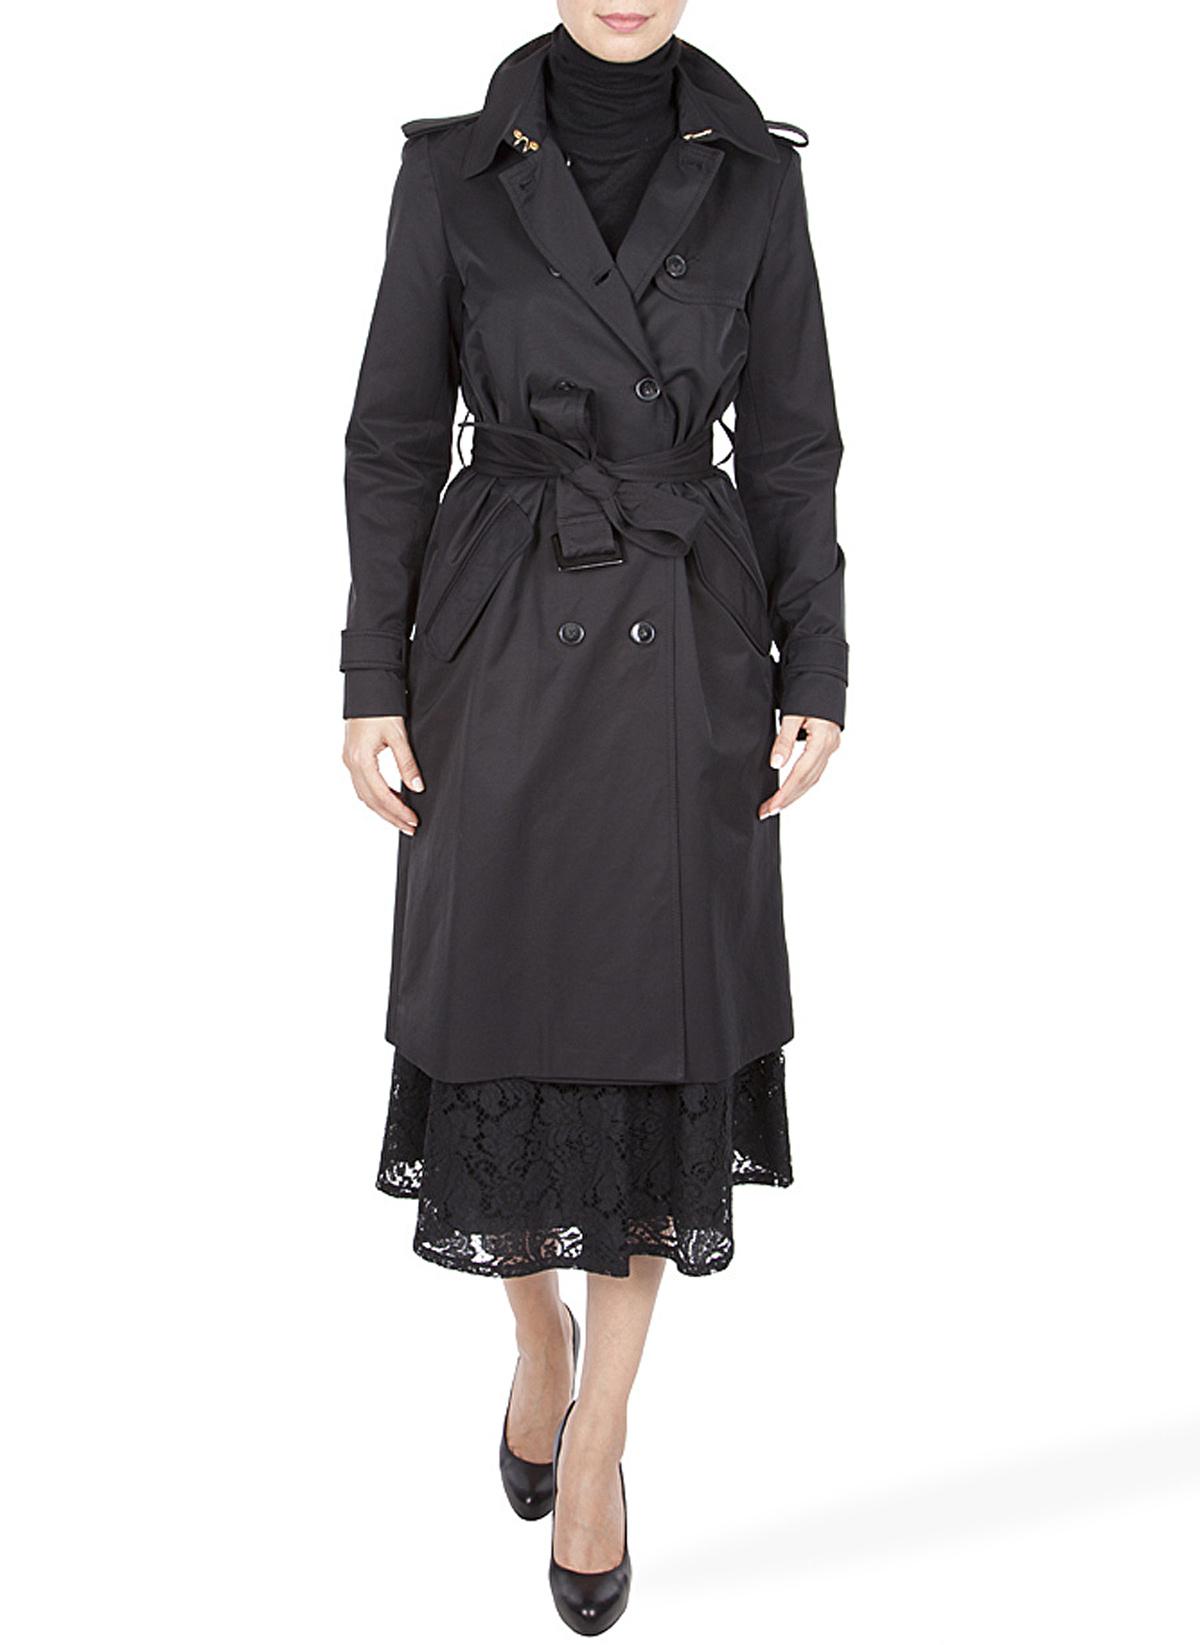 a6557bad1cbd8 Beymen Collection Kadın Trençkot Siyah | Morhipo | 2488331